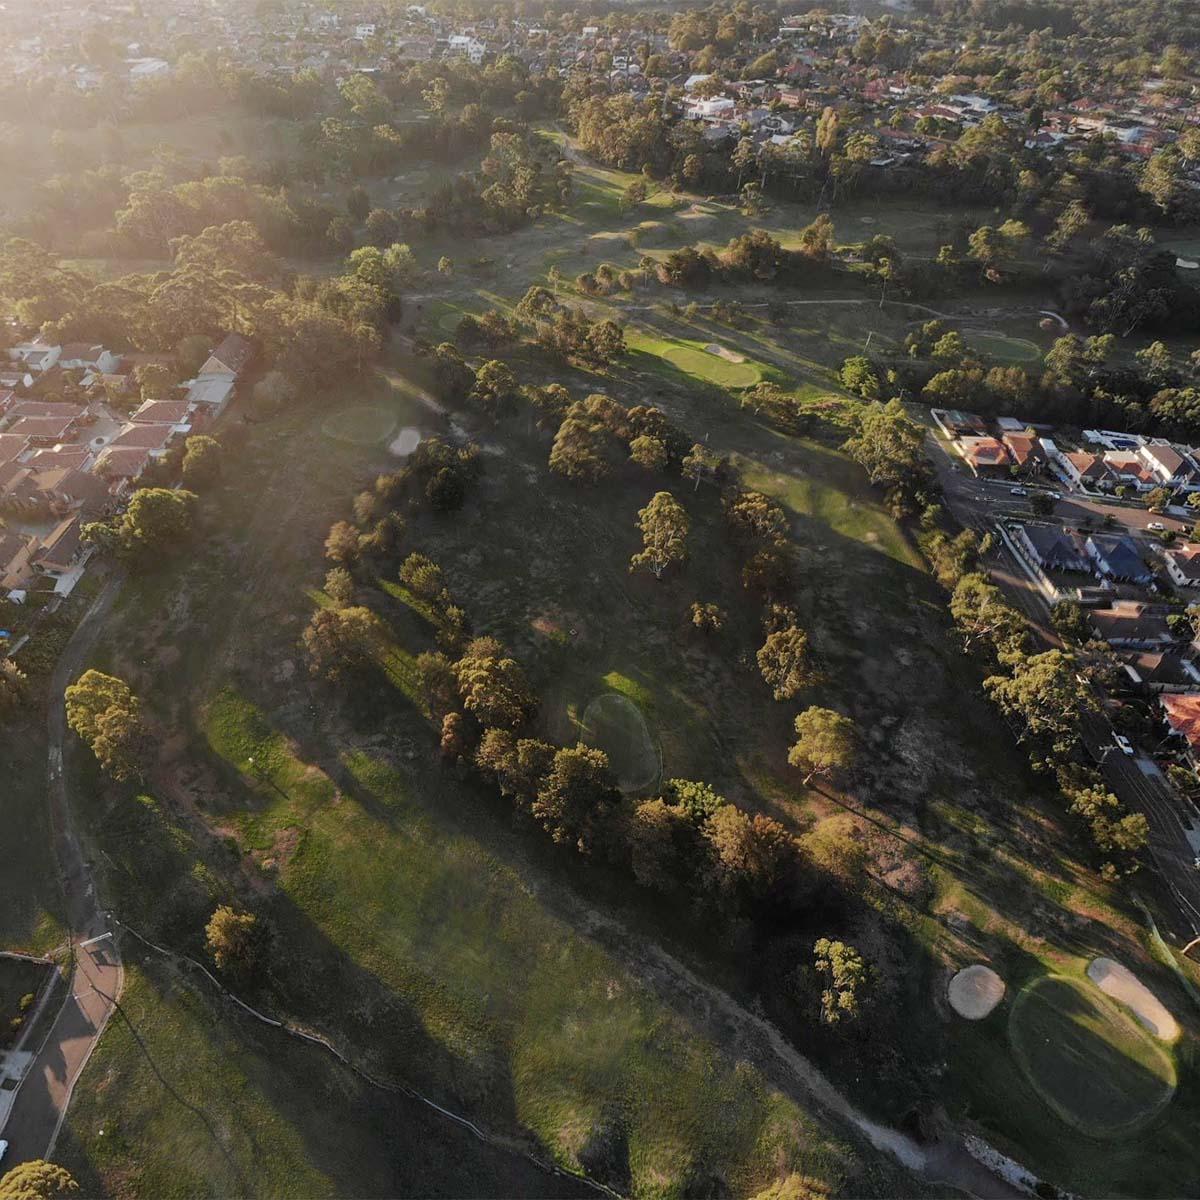 scenes of Bardwell Valley Golf Club